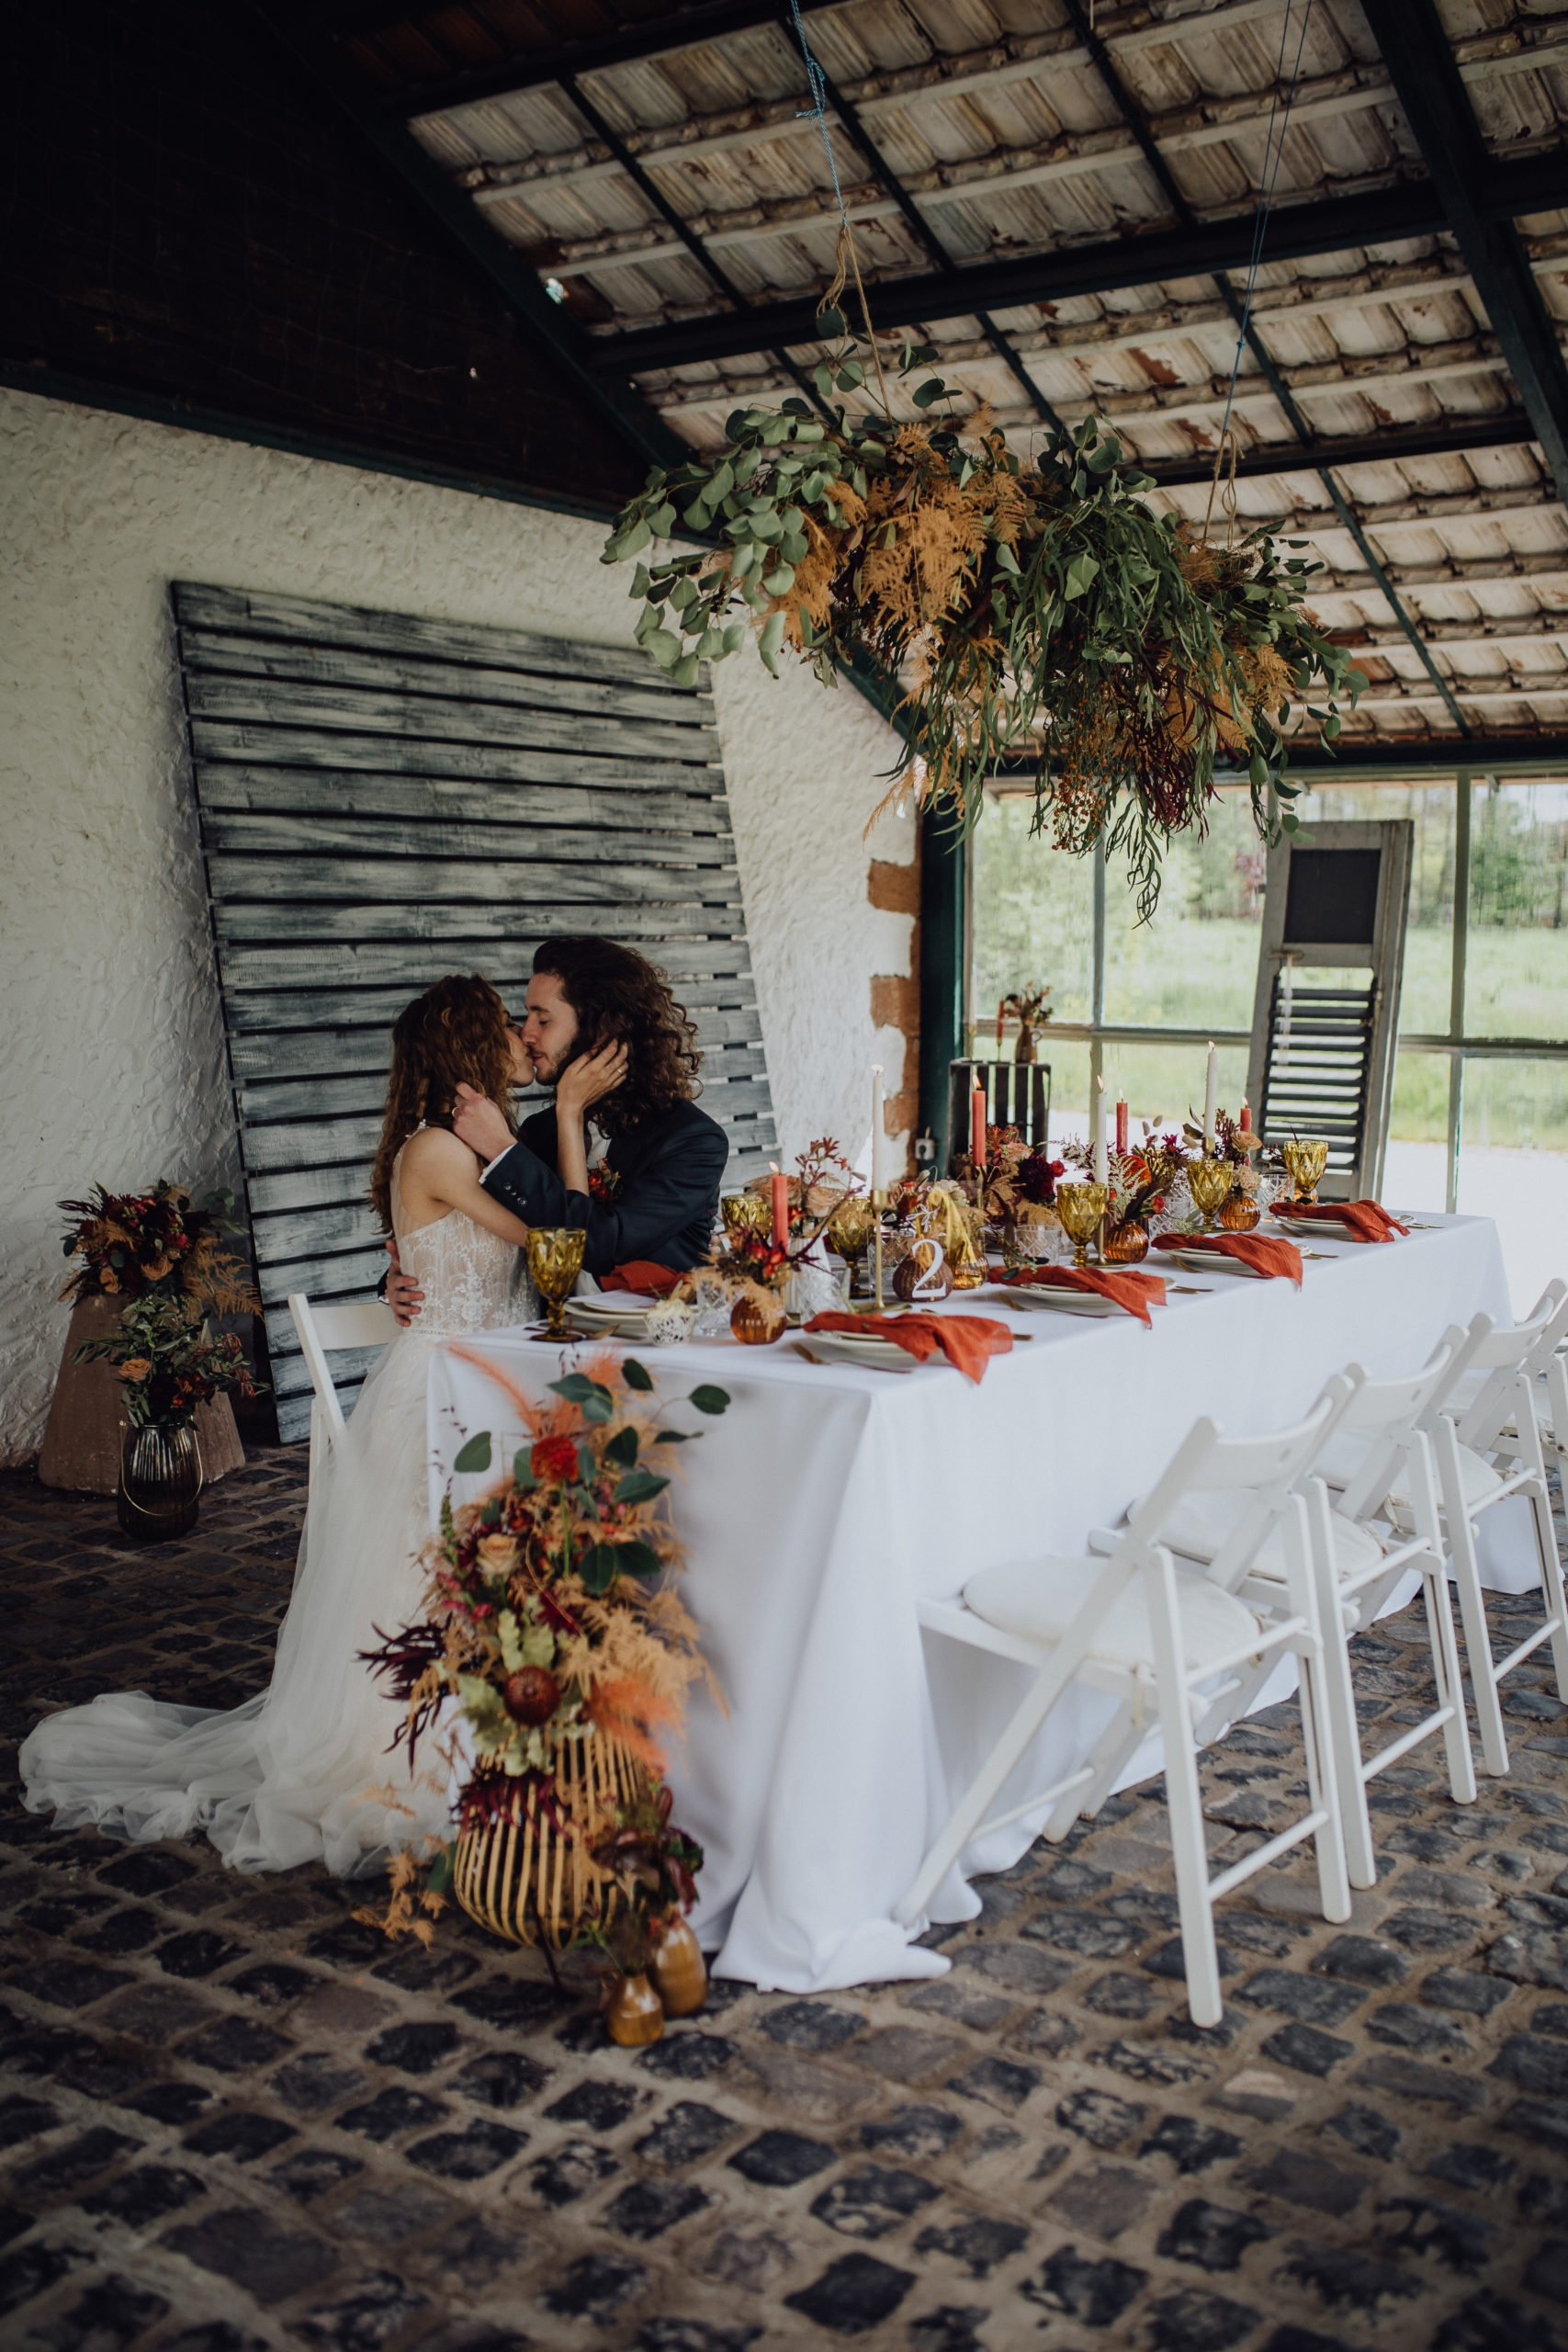 Brautpaar sitzt am gedeckten Tisch